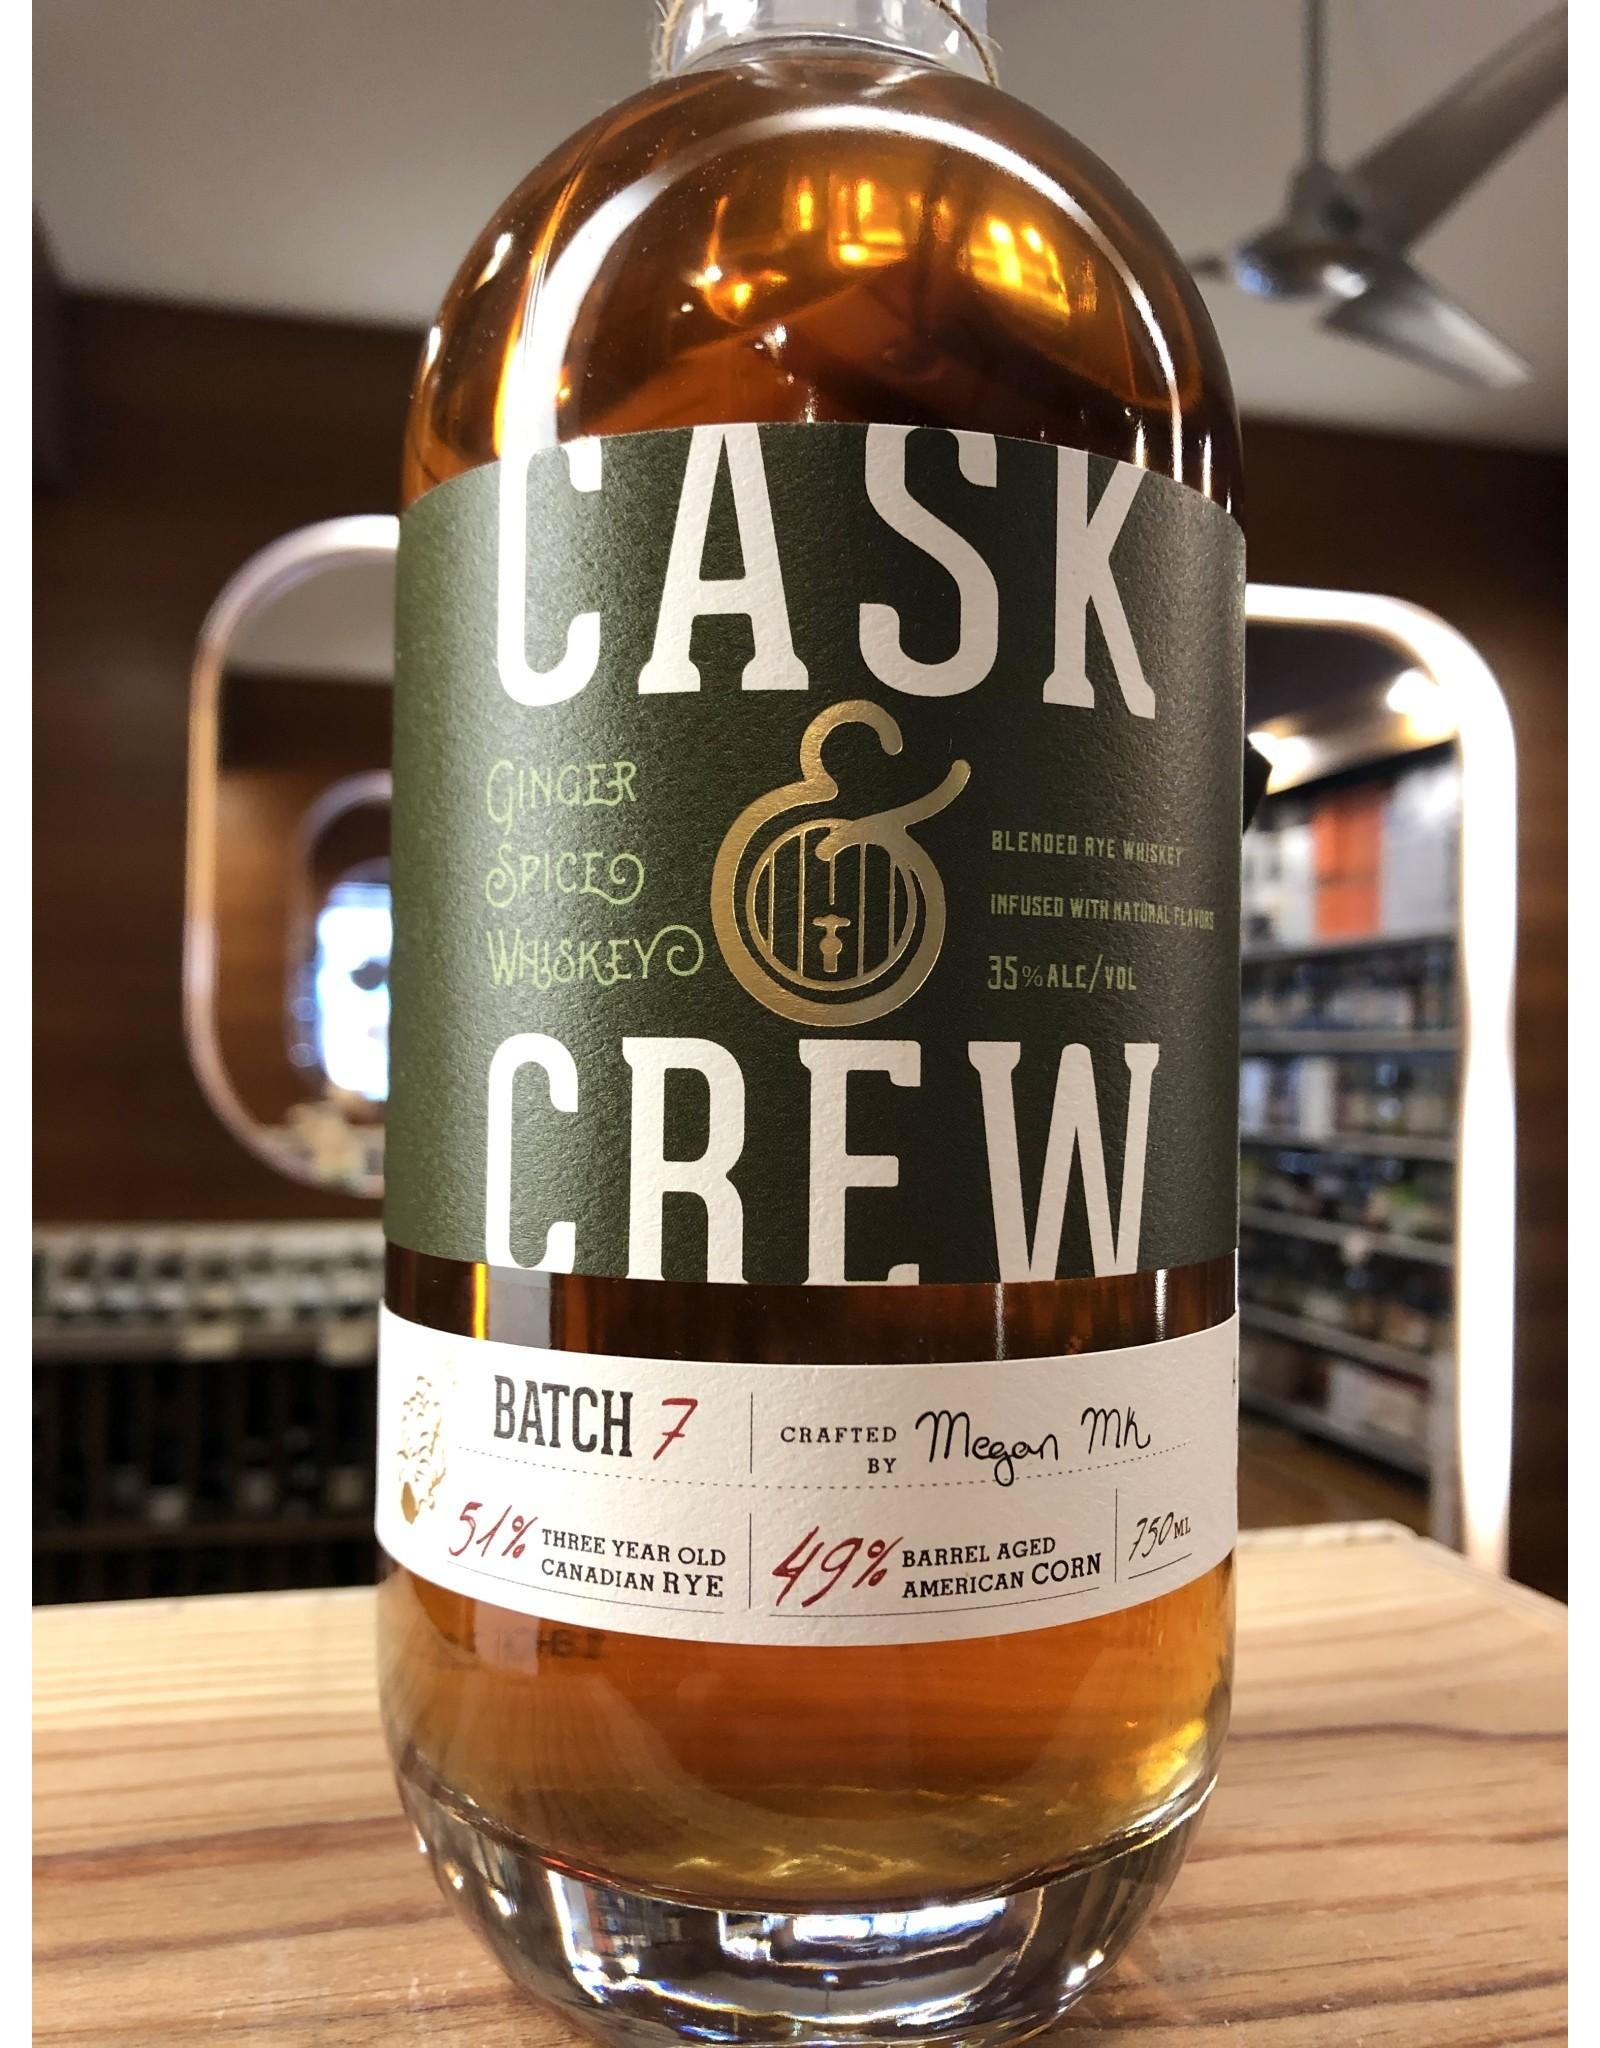 Cask & Crew Ginger Whiskey - 750 ML